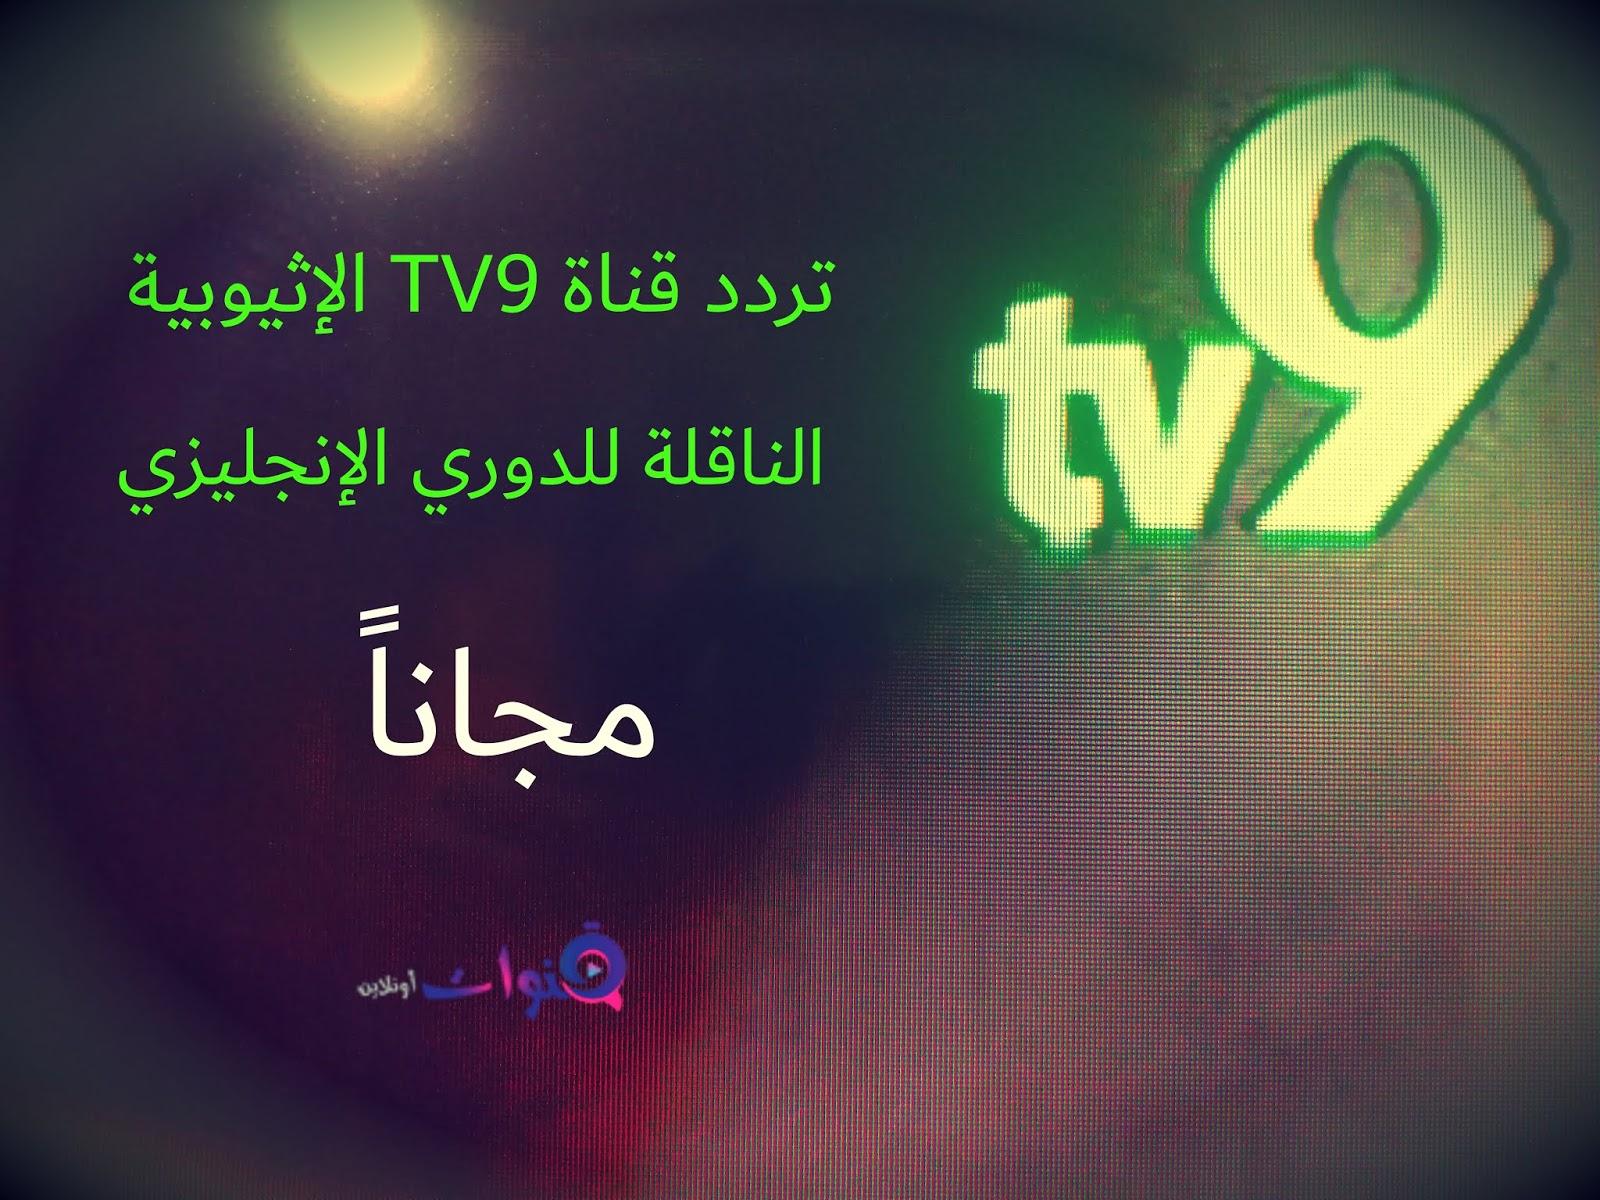 تردد قناة Tv9 Ethio المفتوحة الناقلة للدوري الإنجليزي مجانا